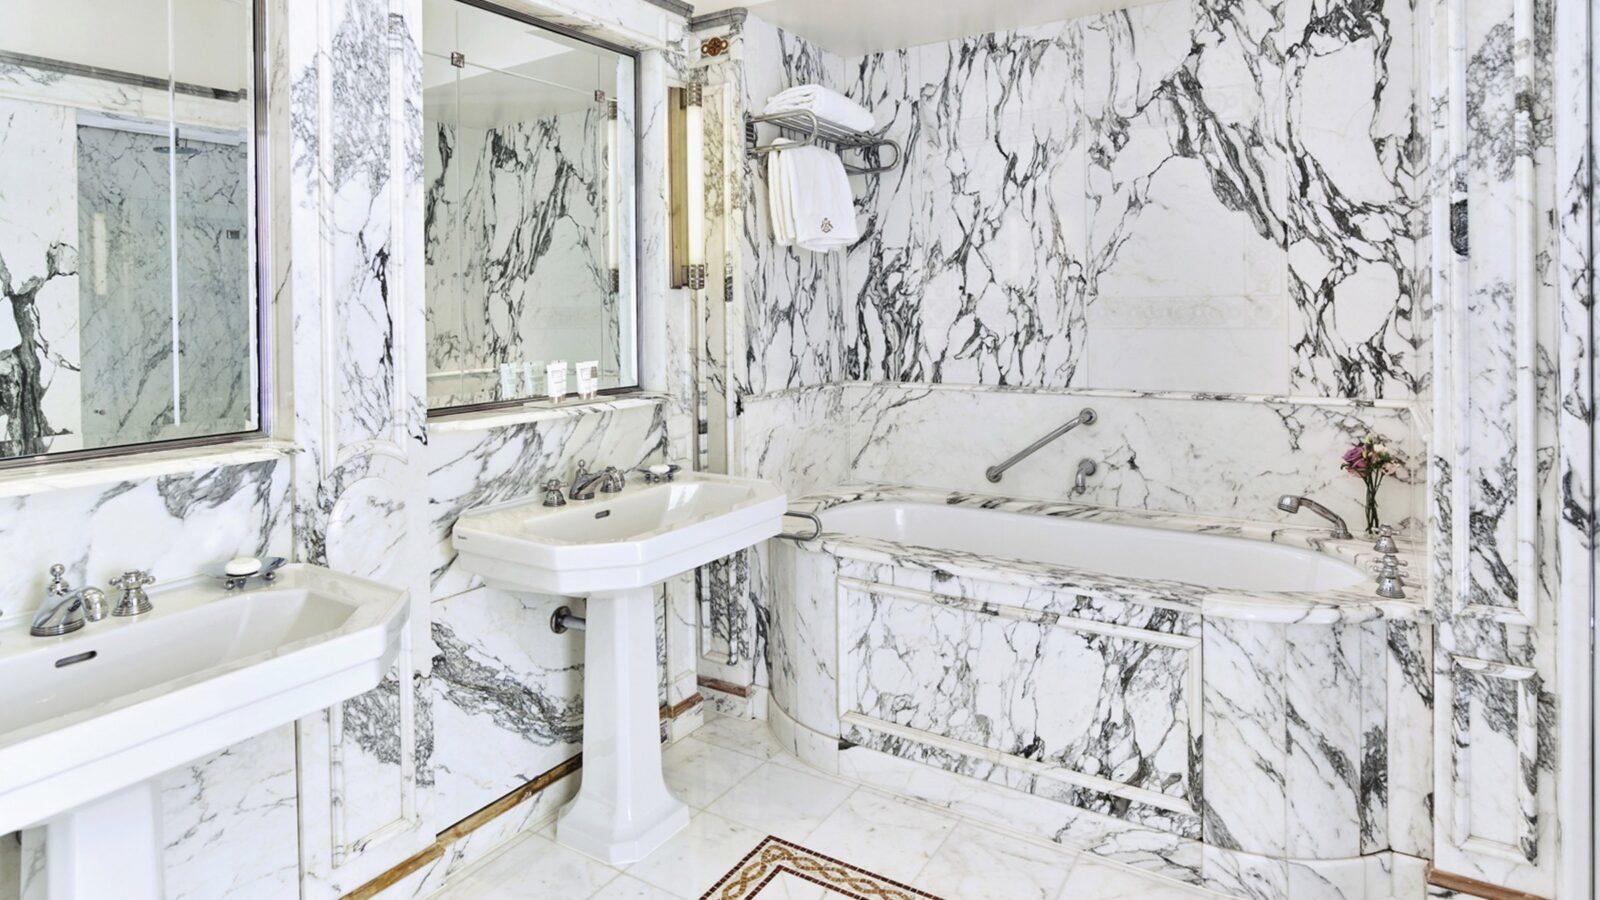 Bathe in marble splendour